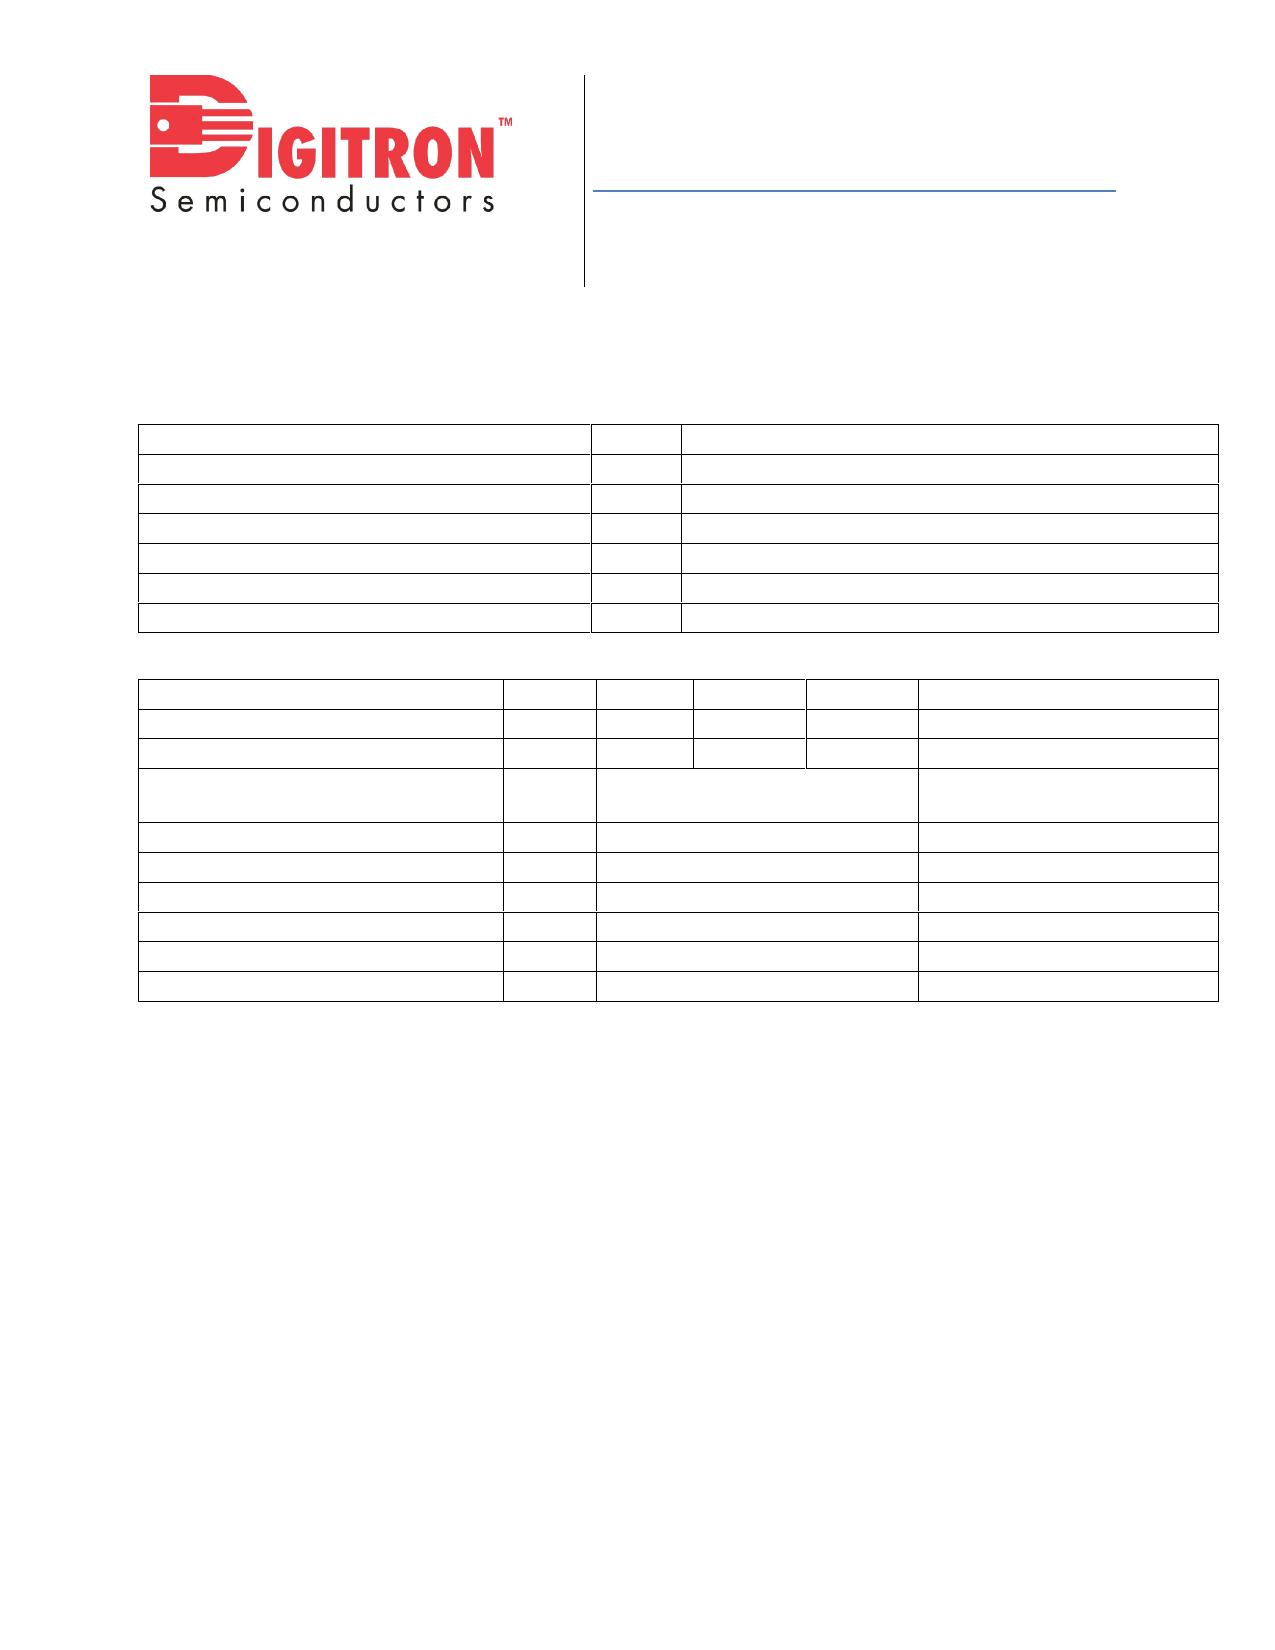 UFR10130 데이터시트 및 UFR10130 PDF